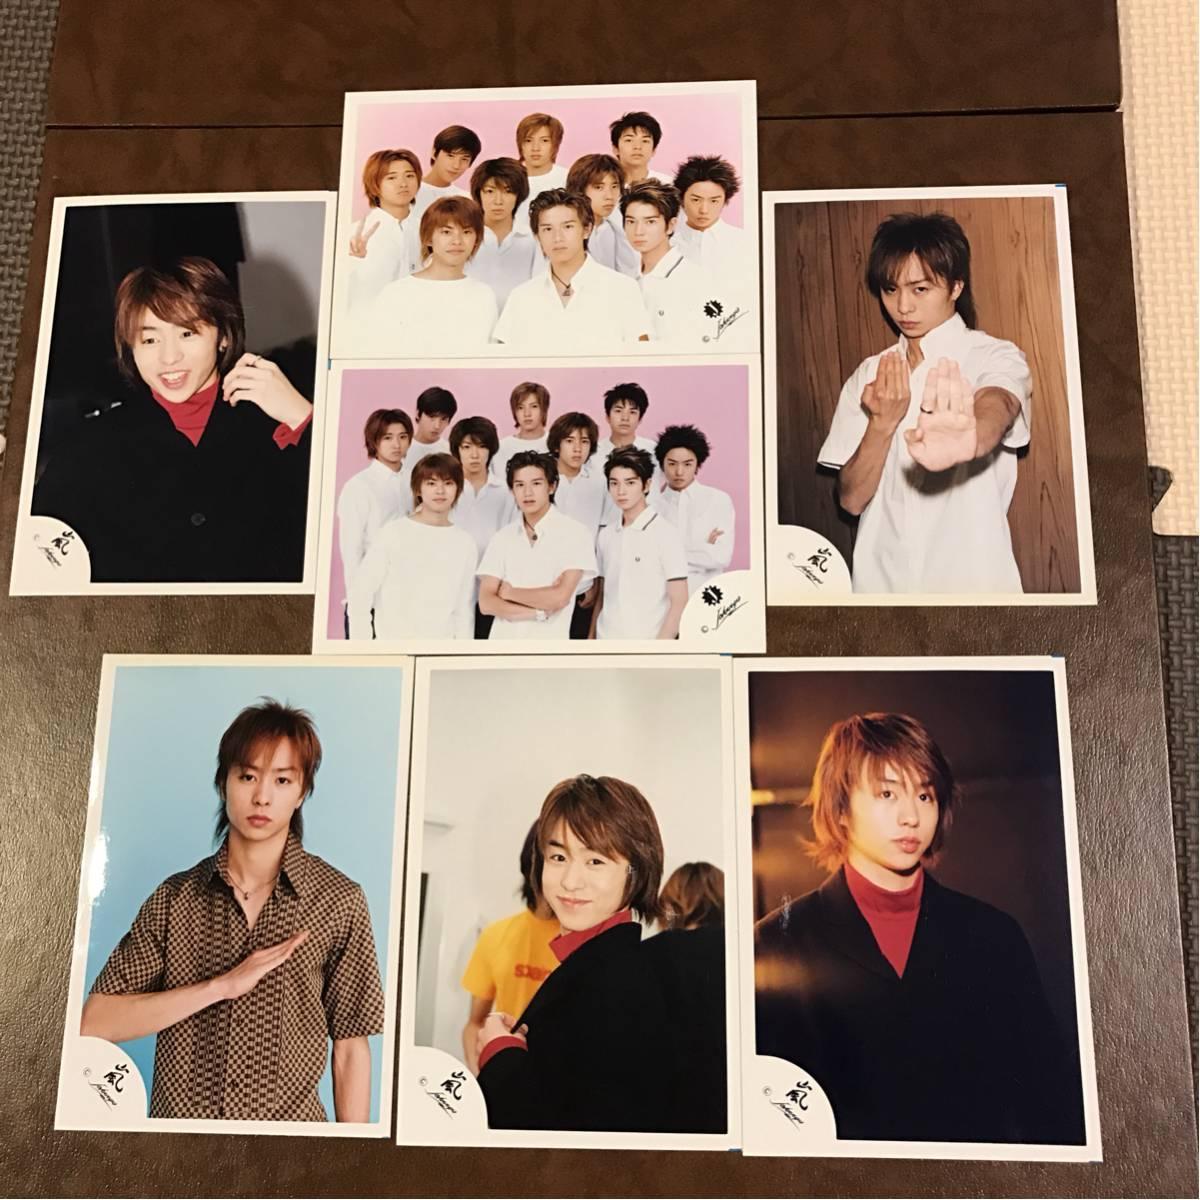 嵐 櫻井翔 公式写真 7枚 ATARASHI ARASHI 茶髪 レア タッキー 翼 生田斗真 セットで コンサートグッズの画像